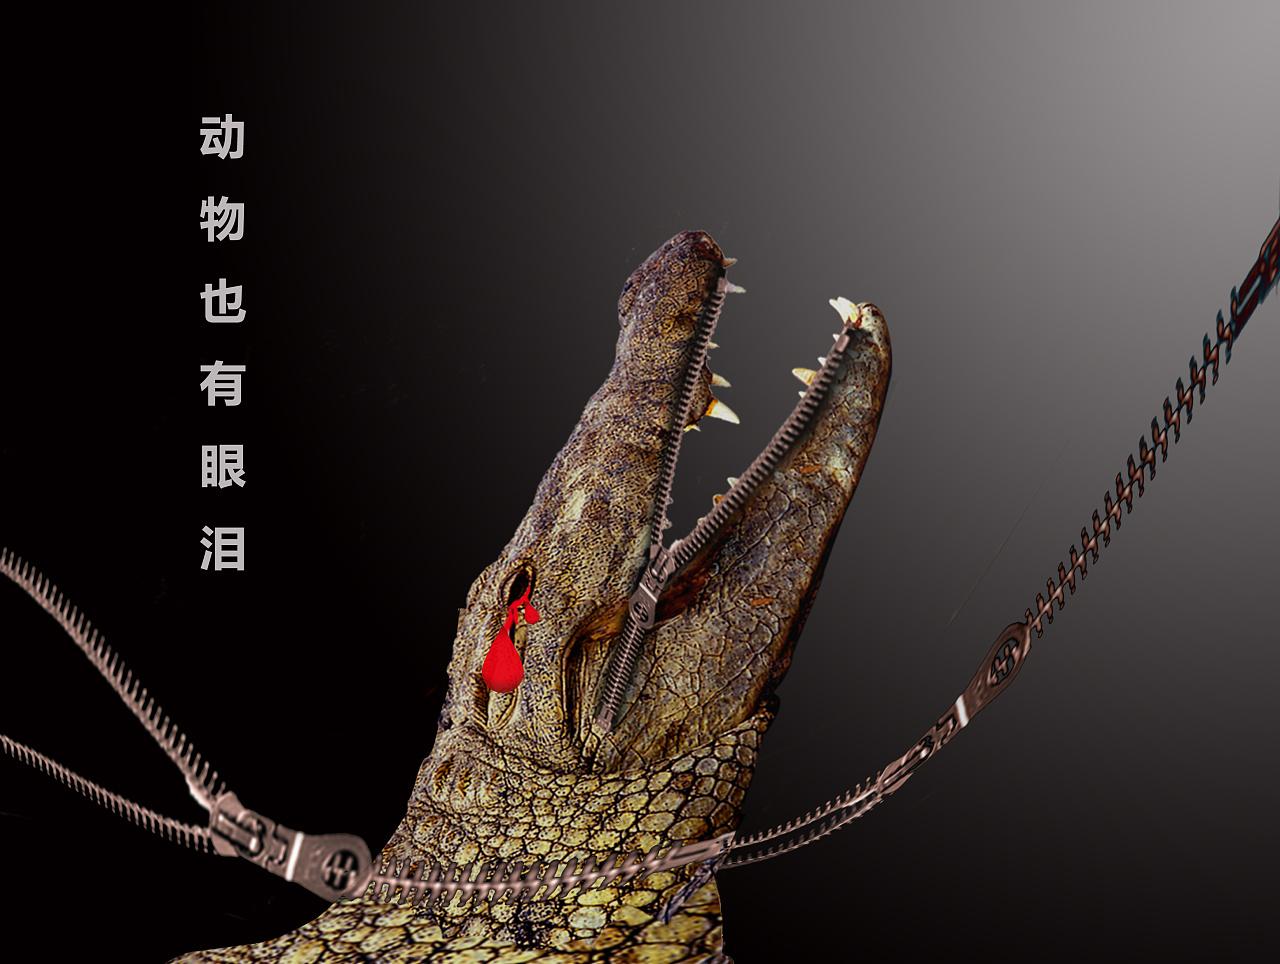 """保护动物的海报,根据""""鳄鱼的眼泪而来的"""".图片"""